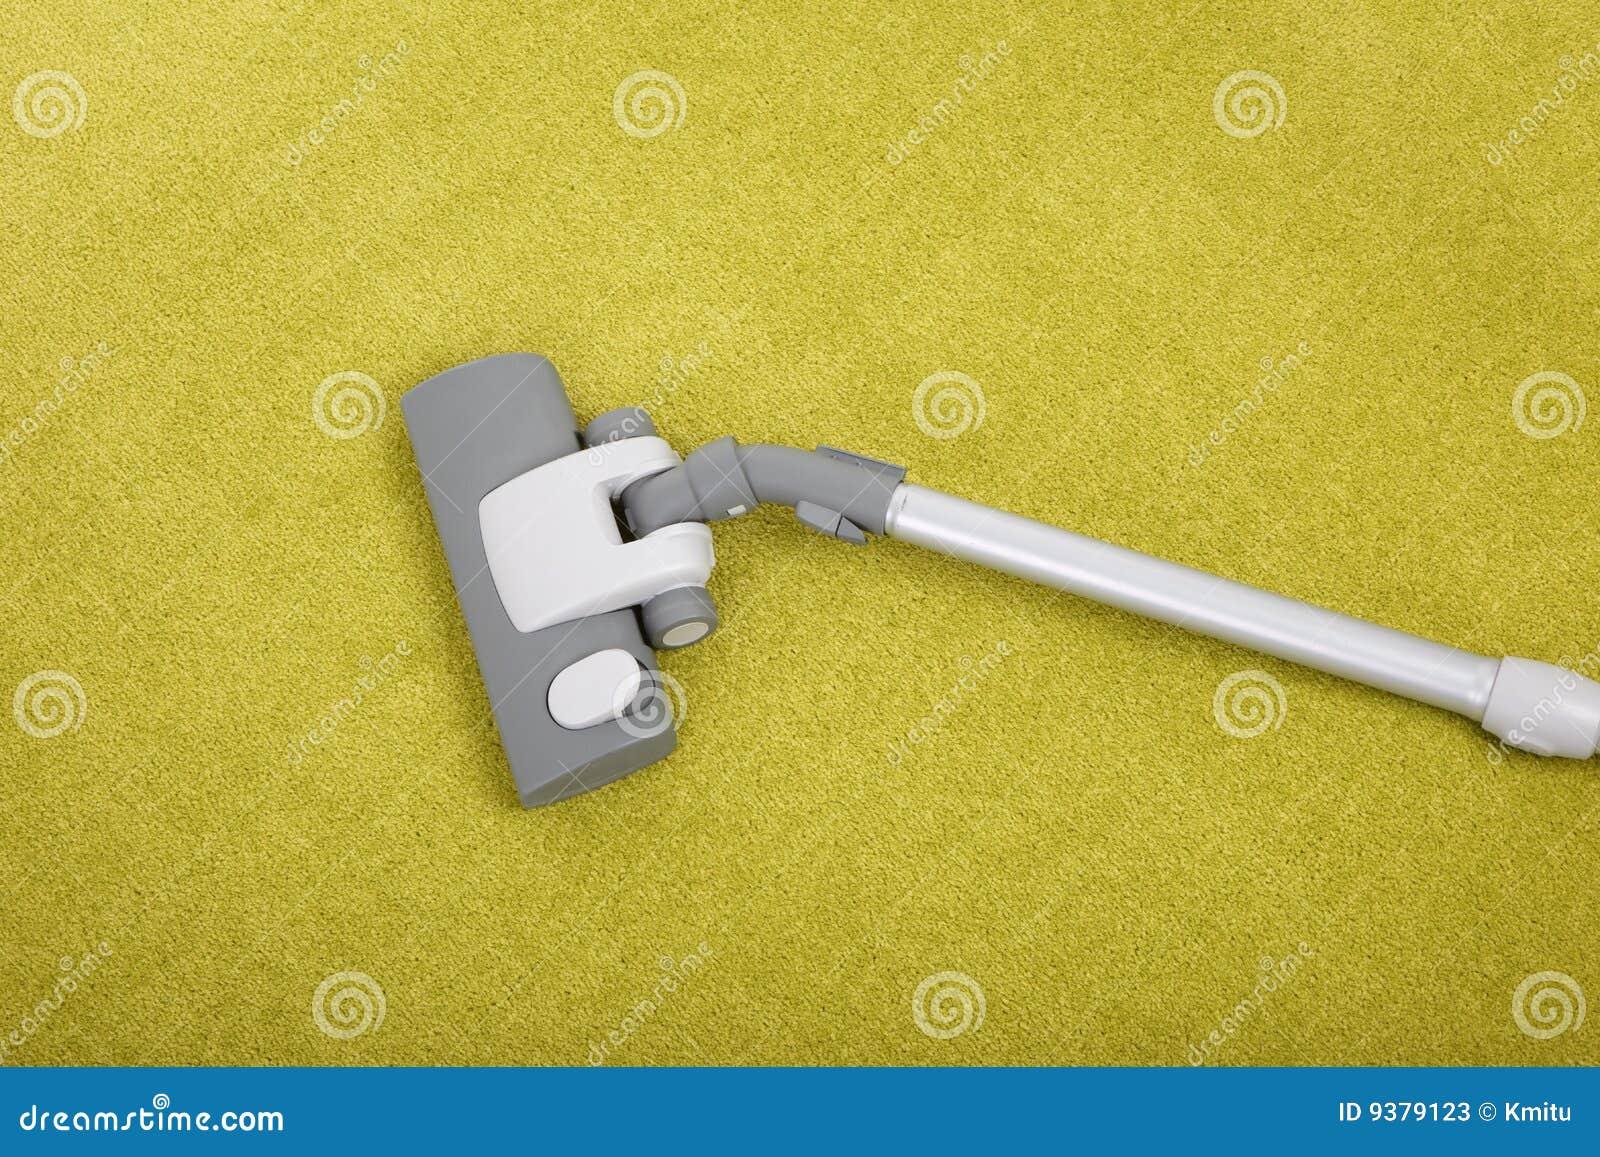 nettoyage de tapis avec un aspirateur image stock image du aspirateur personne 9379123. Black Bedroom Furniture Sets. Home Design Ideas